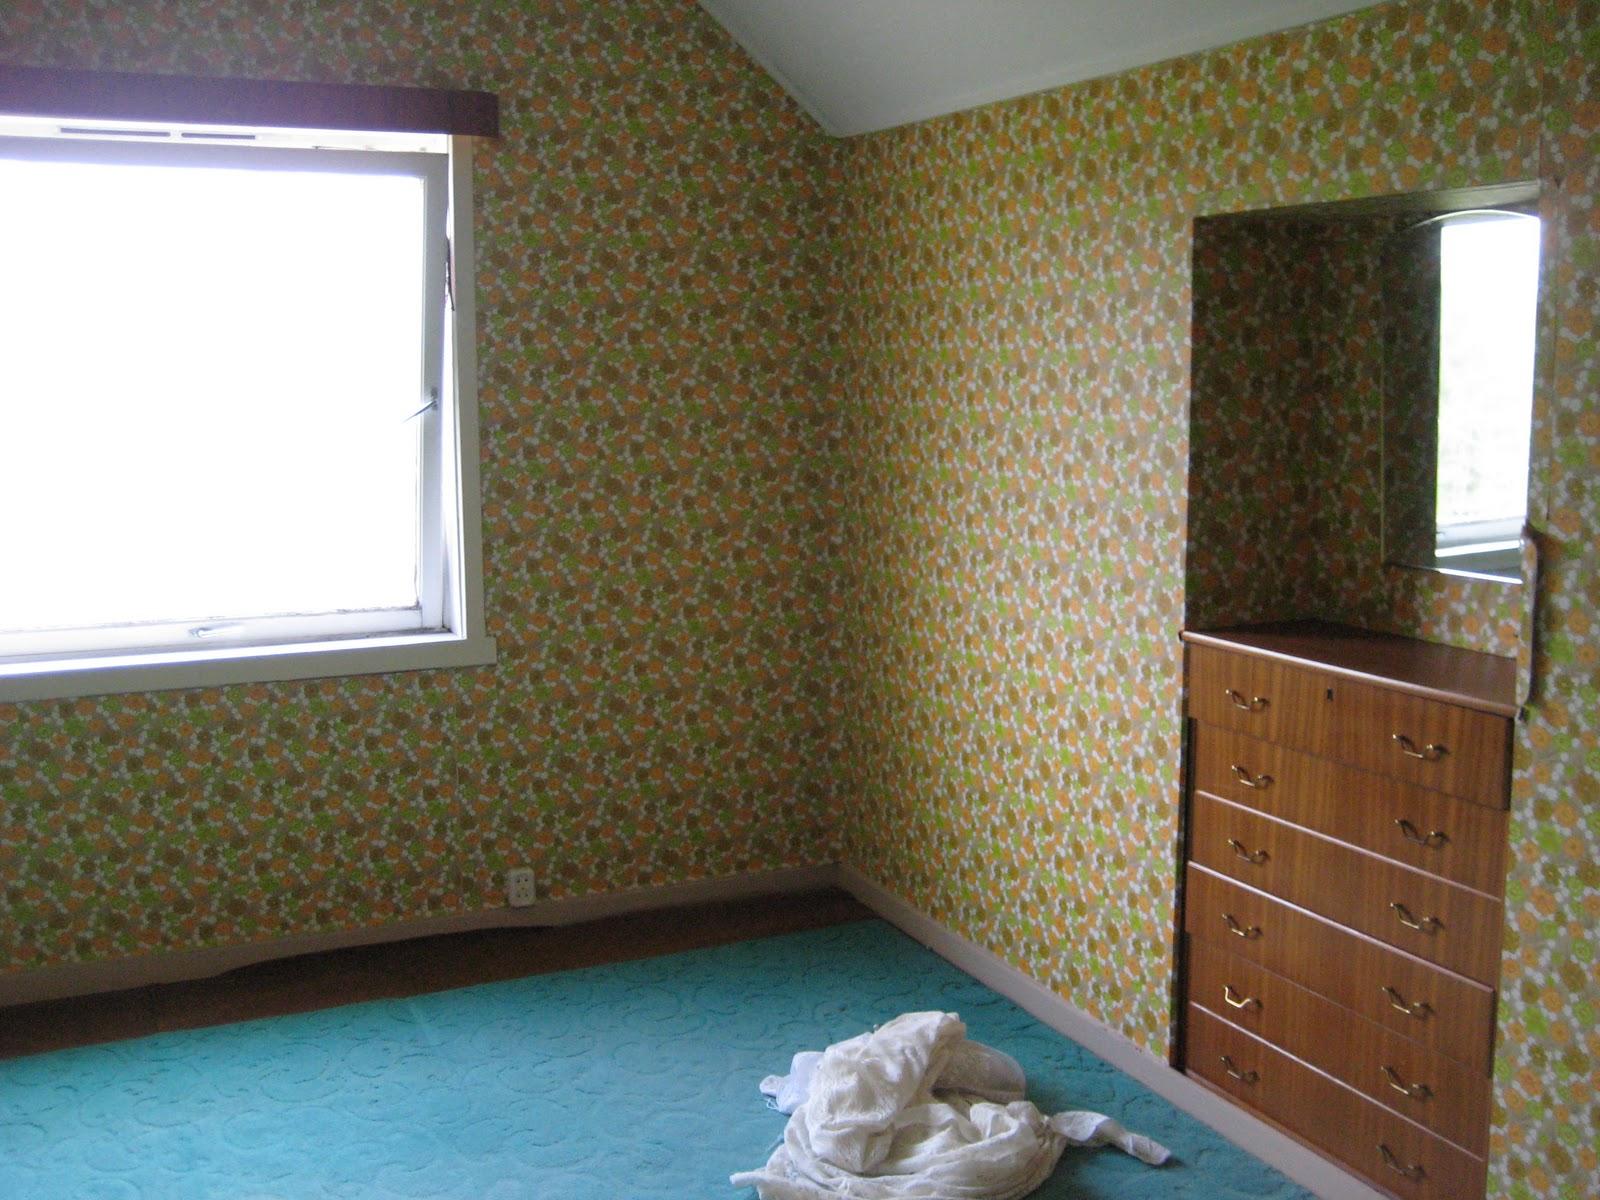 Marianne på landet: Vi kjøper oss et hus...